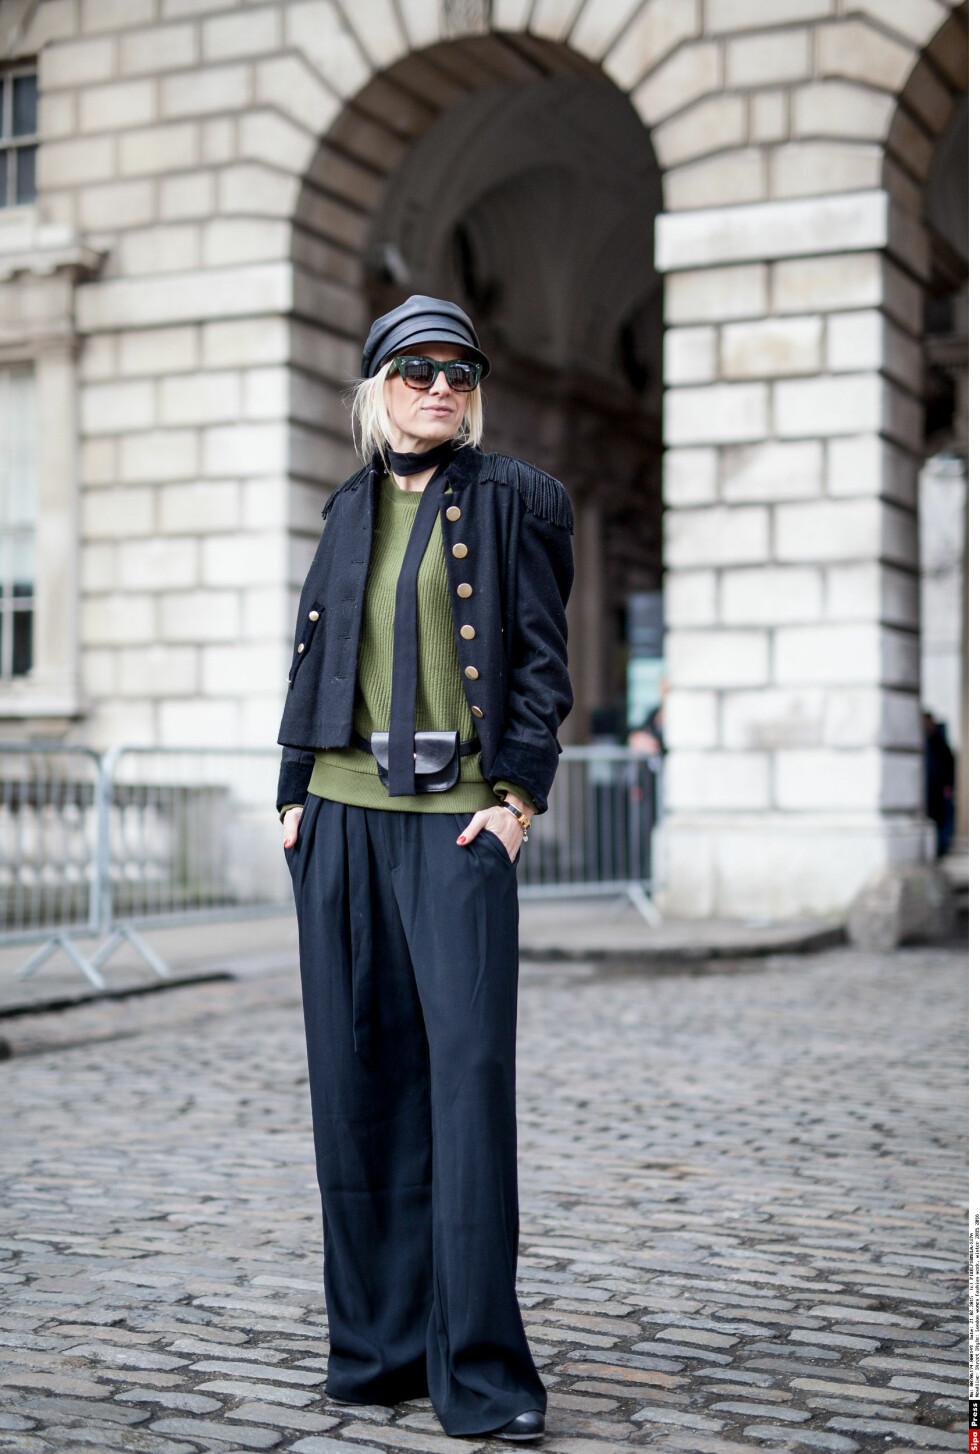 <strong>HAR KASTET SEG PÅ TRENDEN:</strong> Stylemags tidligere redaktør Celine I. Aagaard i oliven og sort, med et tynt skjerf rundt halsen under moteuken i London nylig. Foto: PIXELFORMULA/SIPA/All Over Press